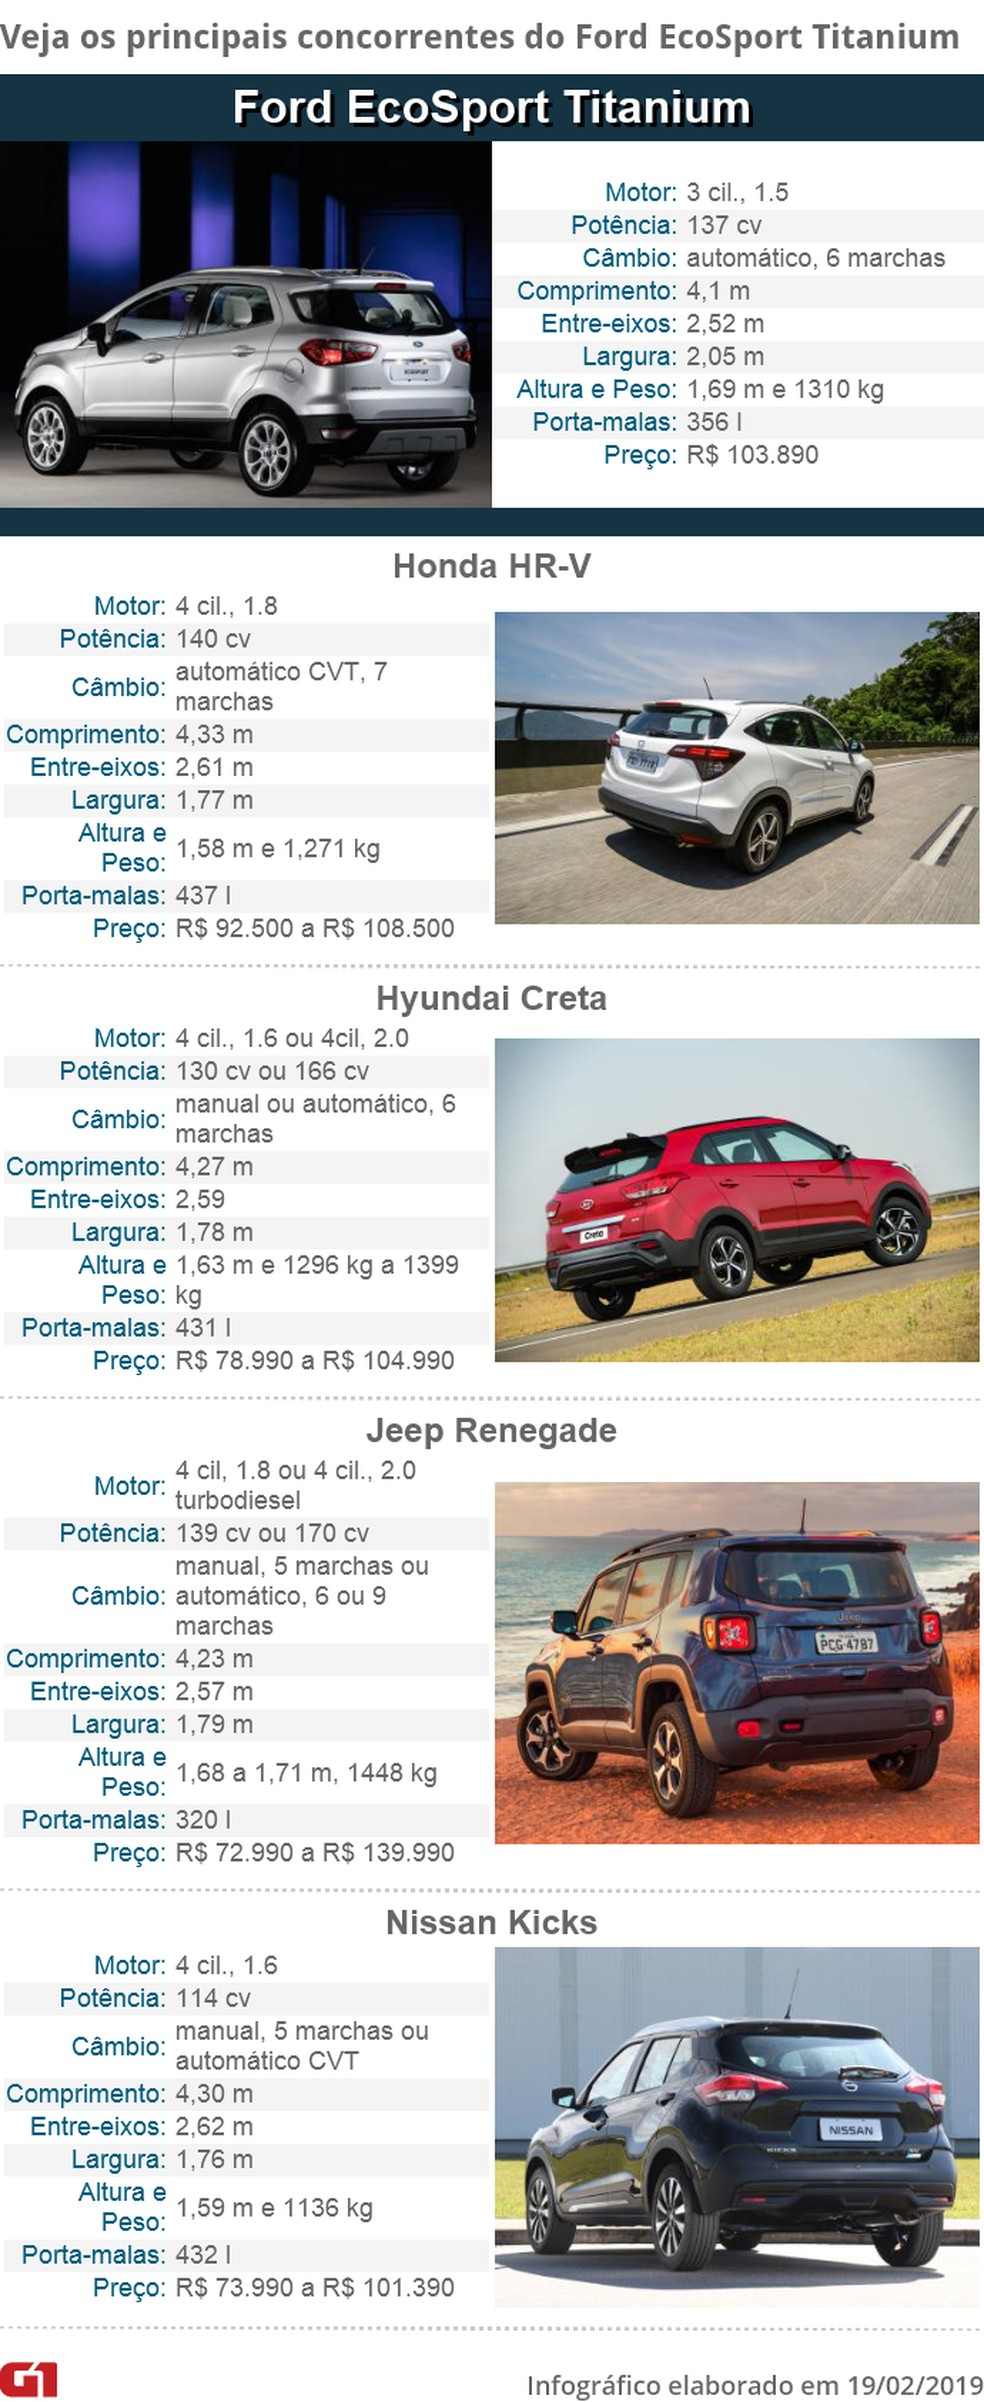 Ficha técnica: Ford EcoSport e concorrentes  — Foto: Divulgação e G1